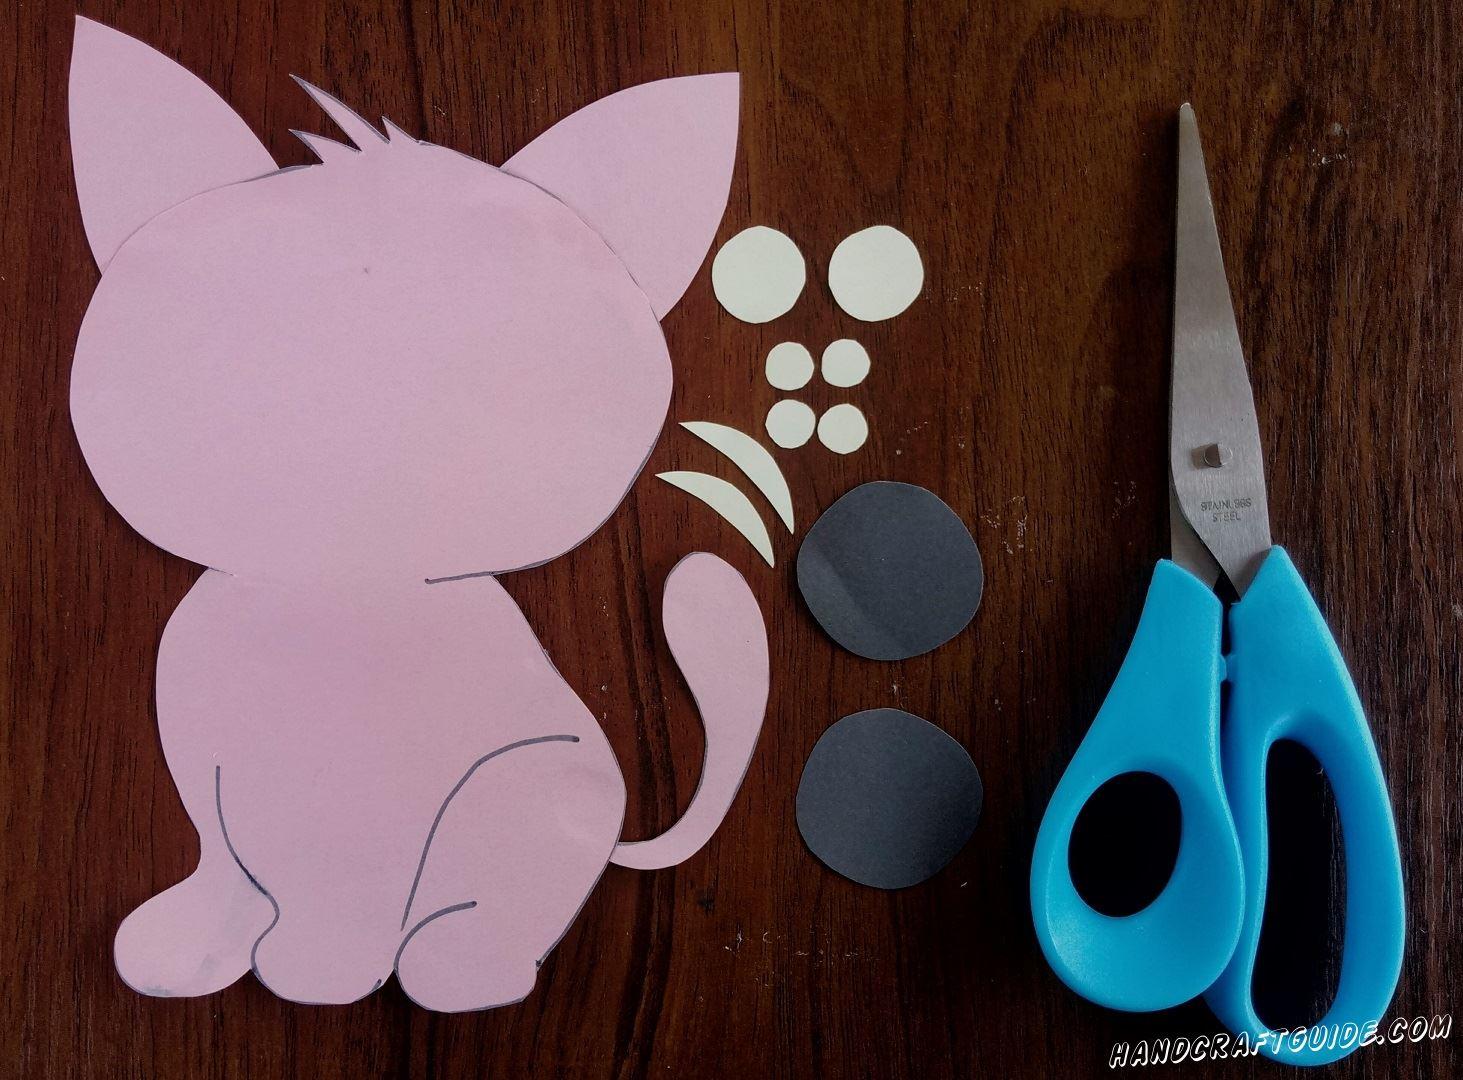 Затем берем бумагу черного цвета и вырезаем 2 круга. А из белой бумаги вырезаем 2 маленьких кружка,4 совсем маленьких круга и 3 скобочки.